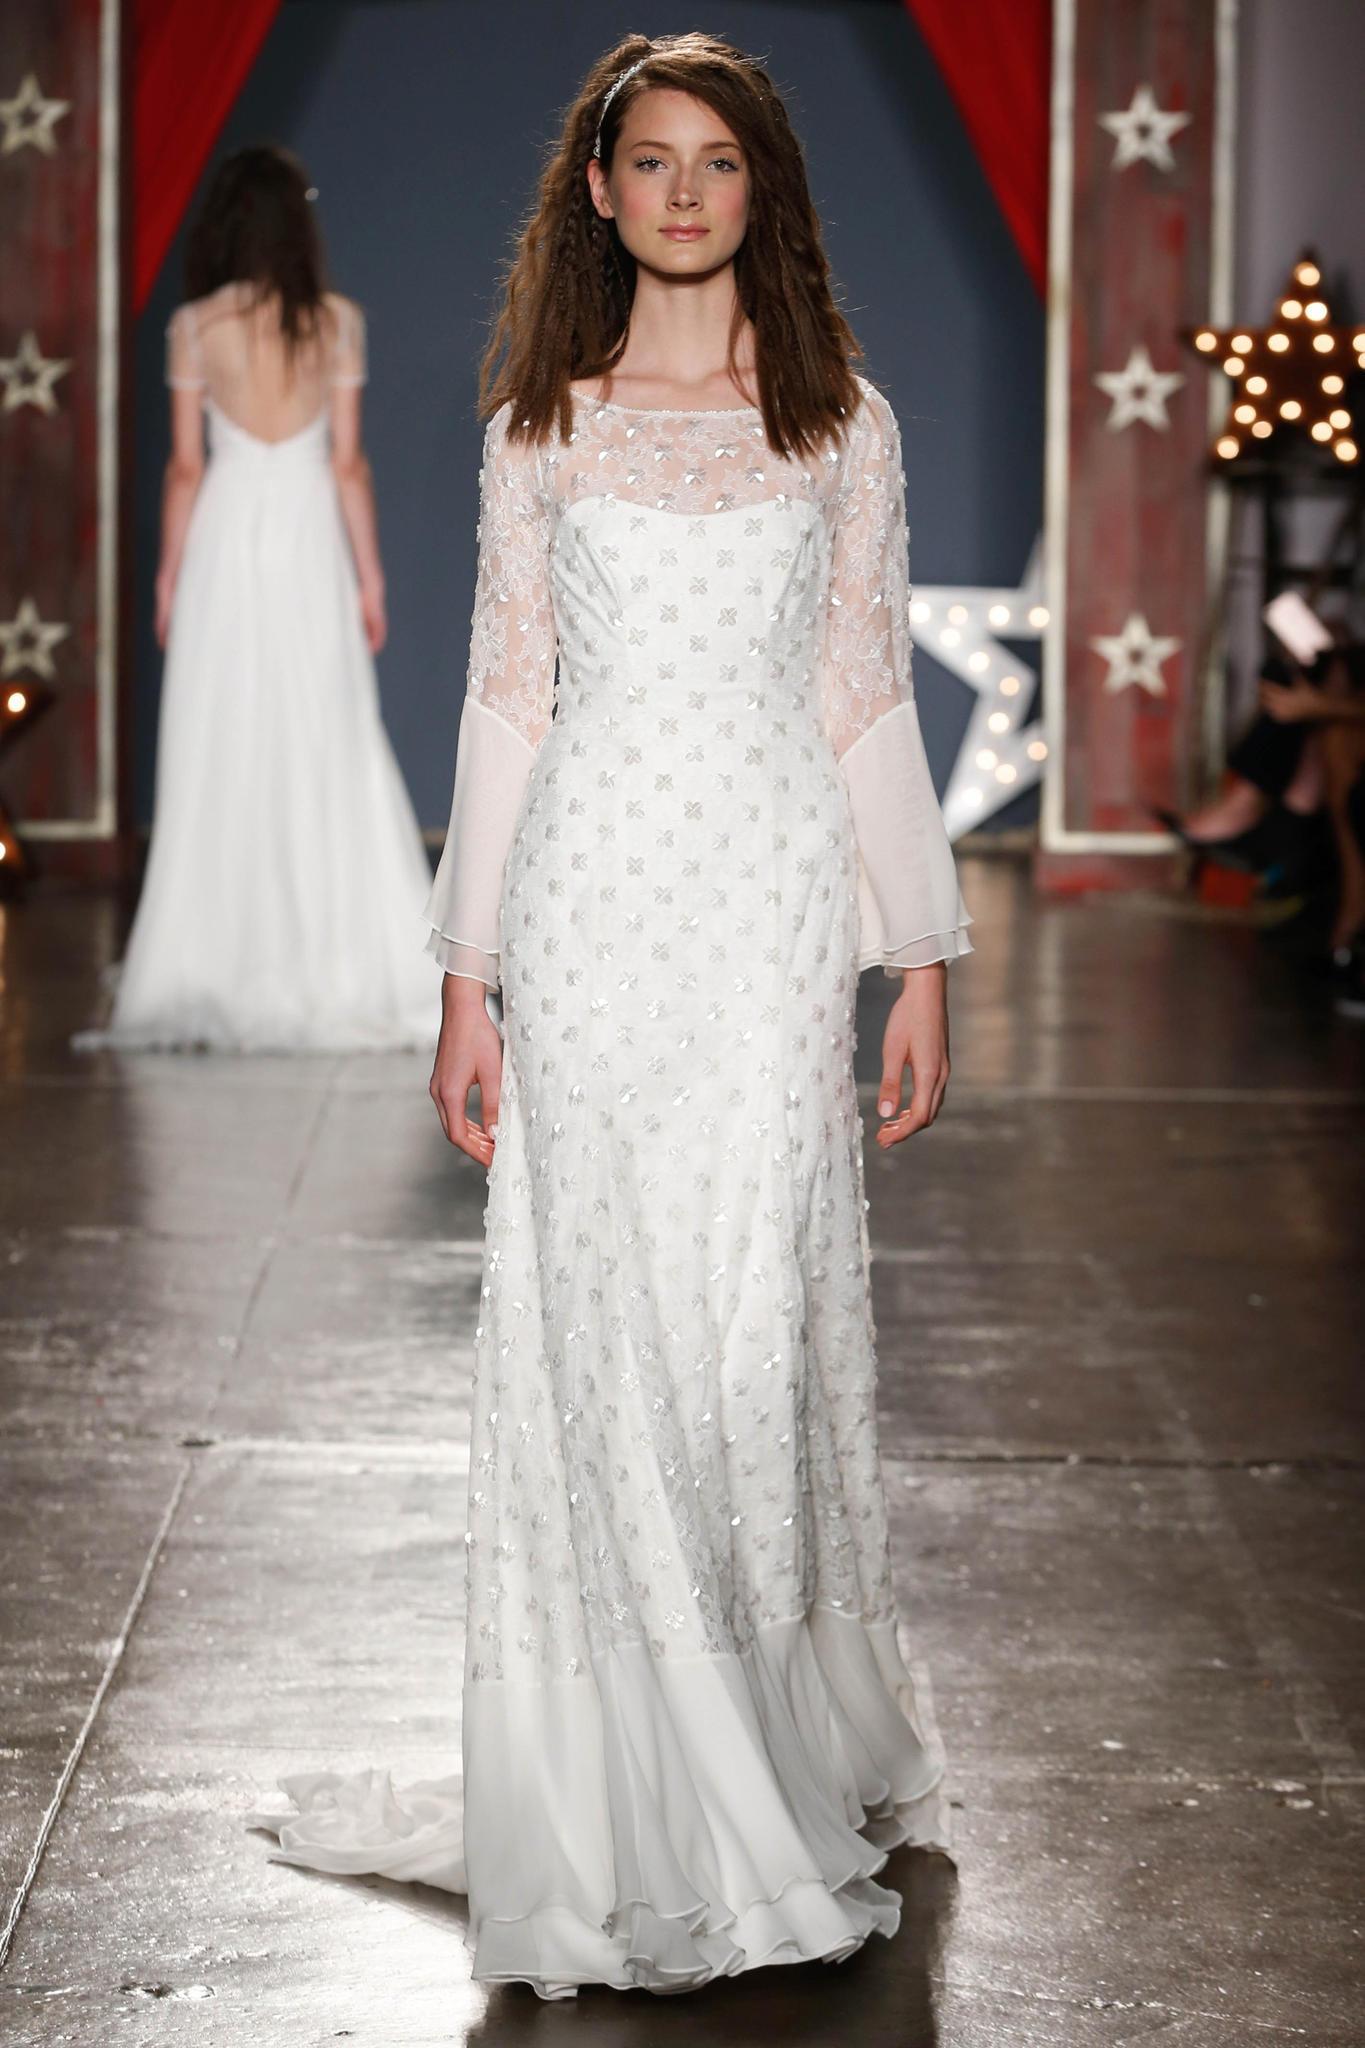 Hochzeitskleid mit langen Ärmeln